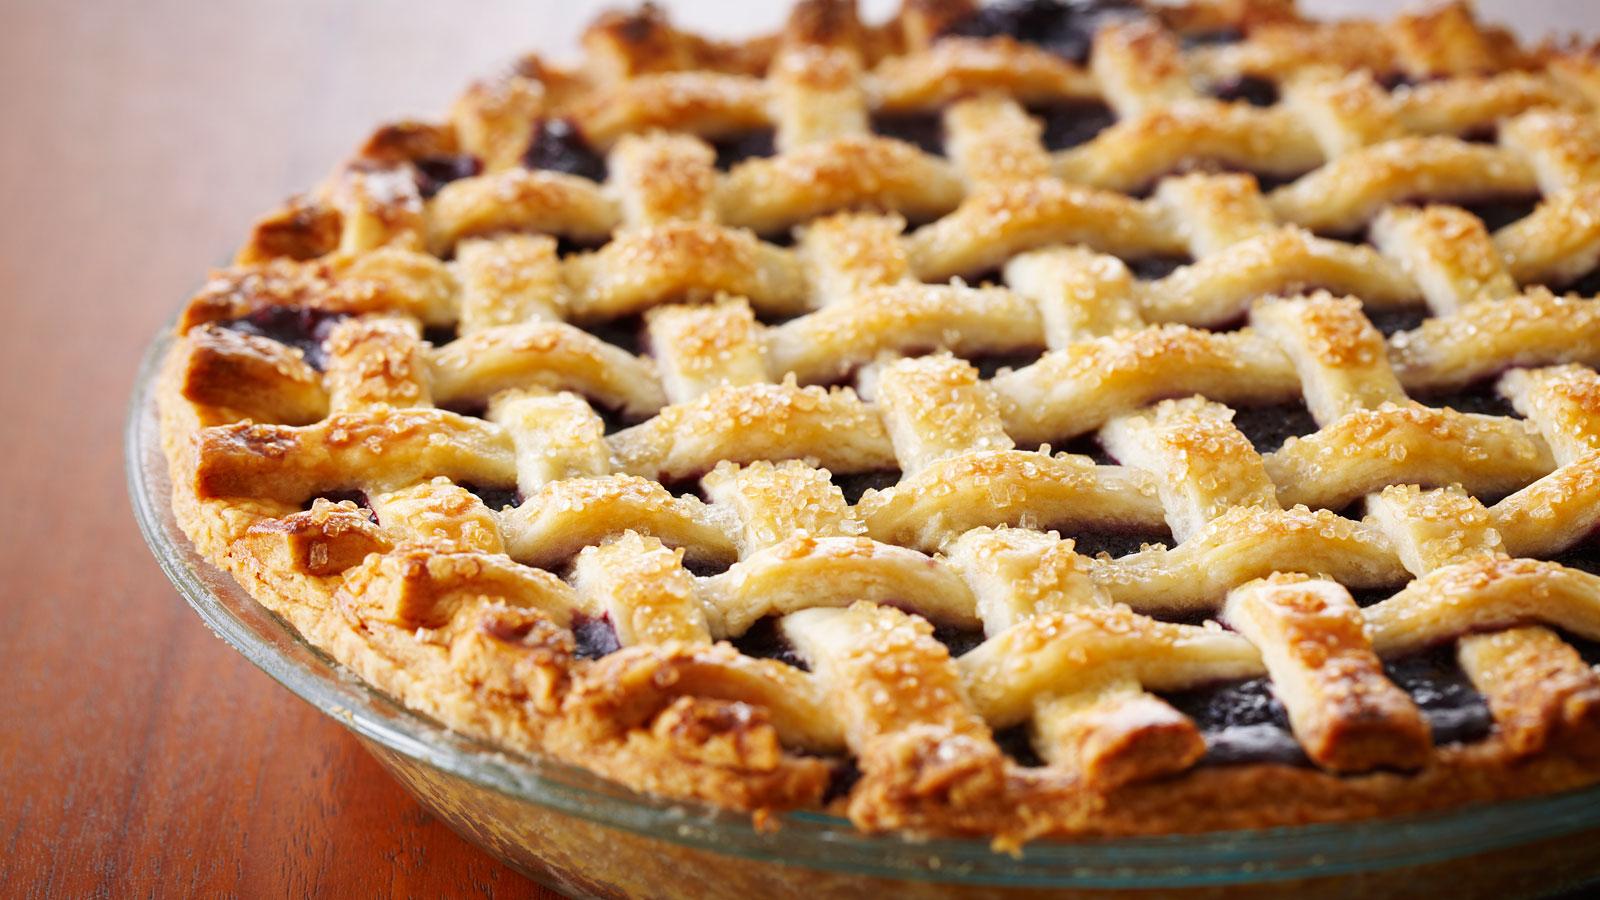 Kuchen de manzana, arándano y maqui